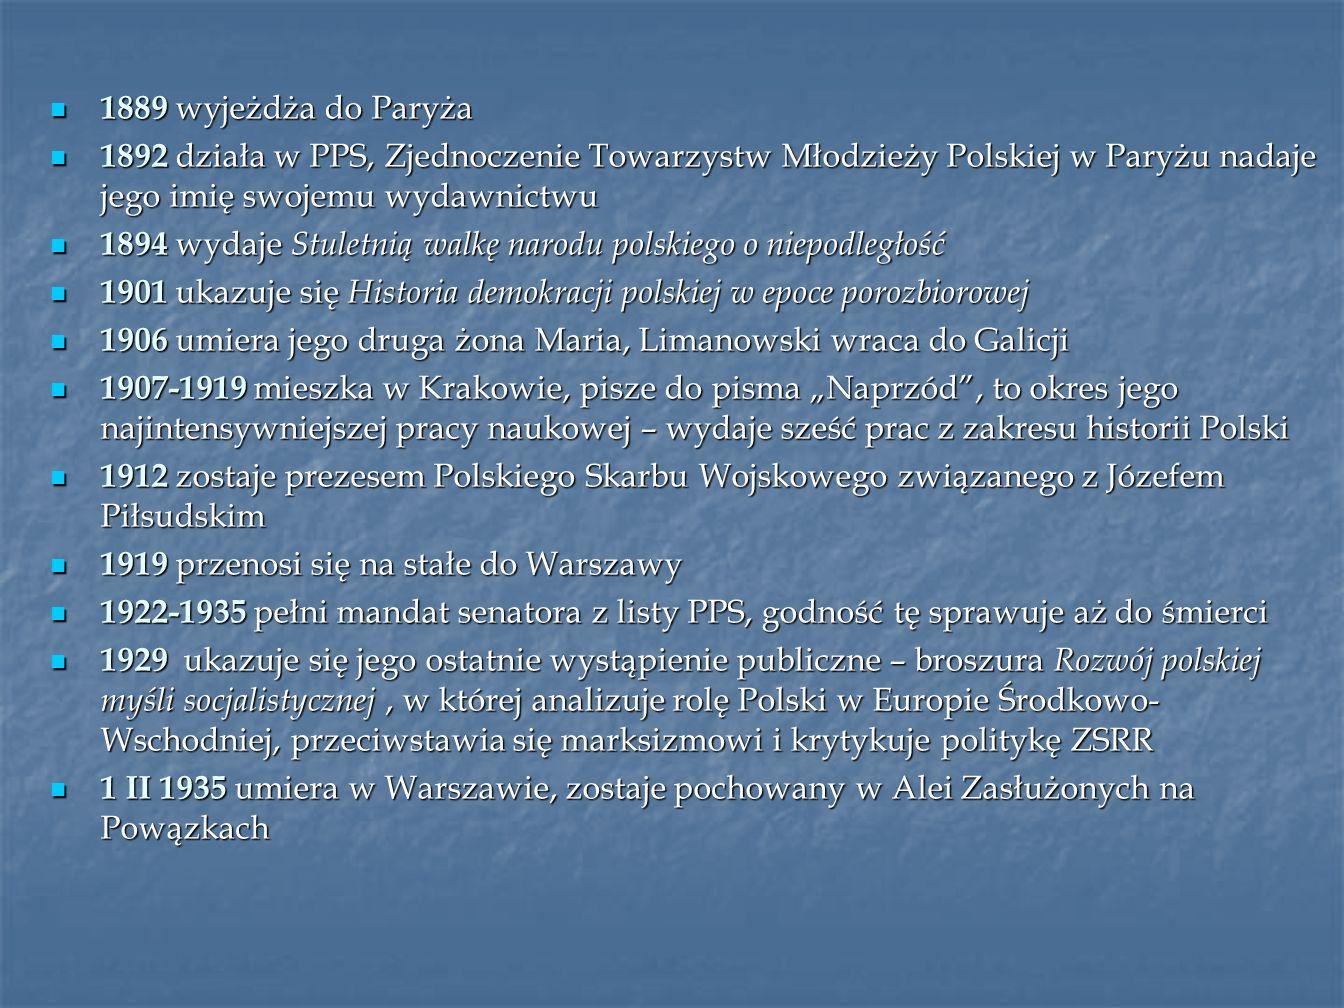 1889 wyjeżdża do Paryża 1889 wyjeżdża do Paryża 1892 działa w PPS, Zjednoczenie Towarzystw Młodzieży Polskiej w Paryżu nadaje jego imię swojemu wydawn